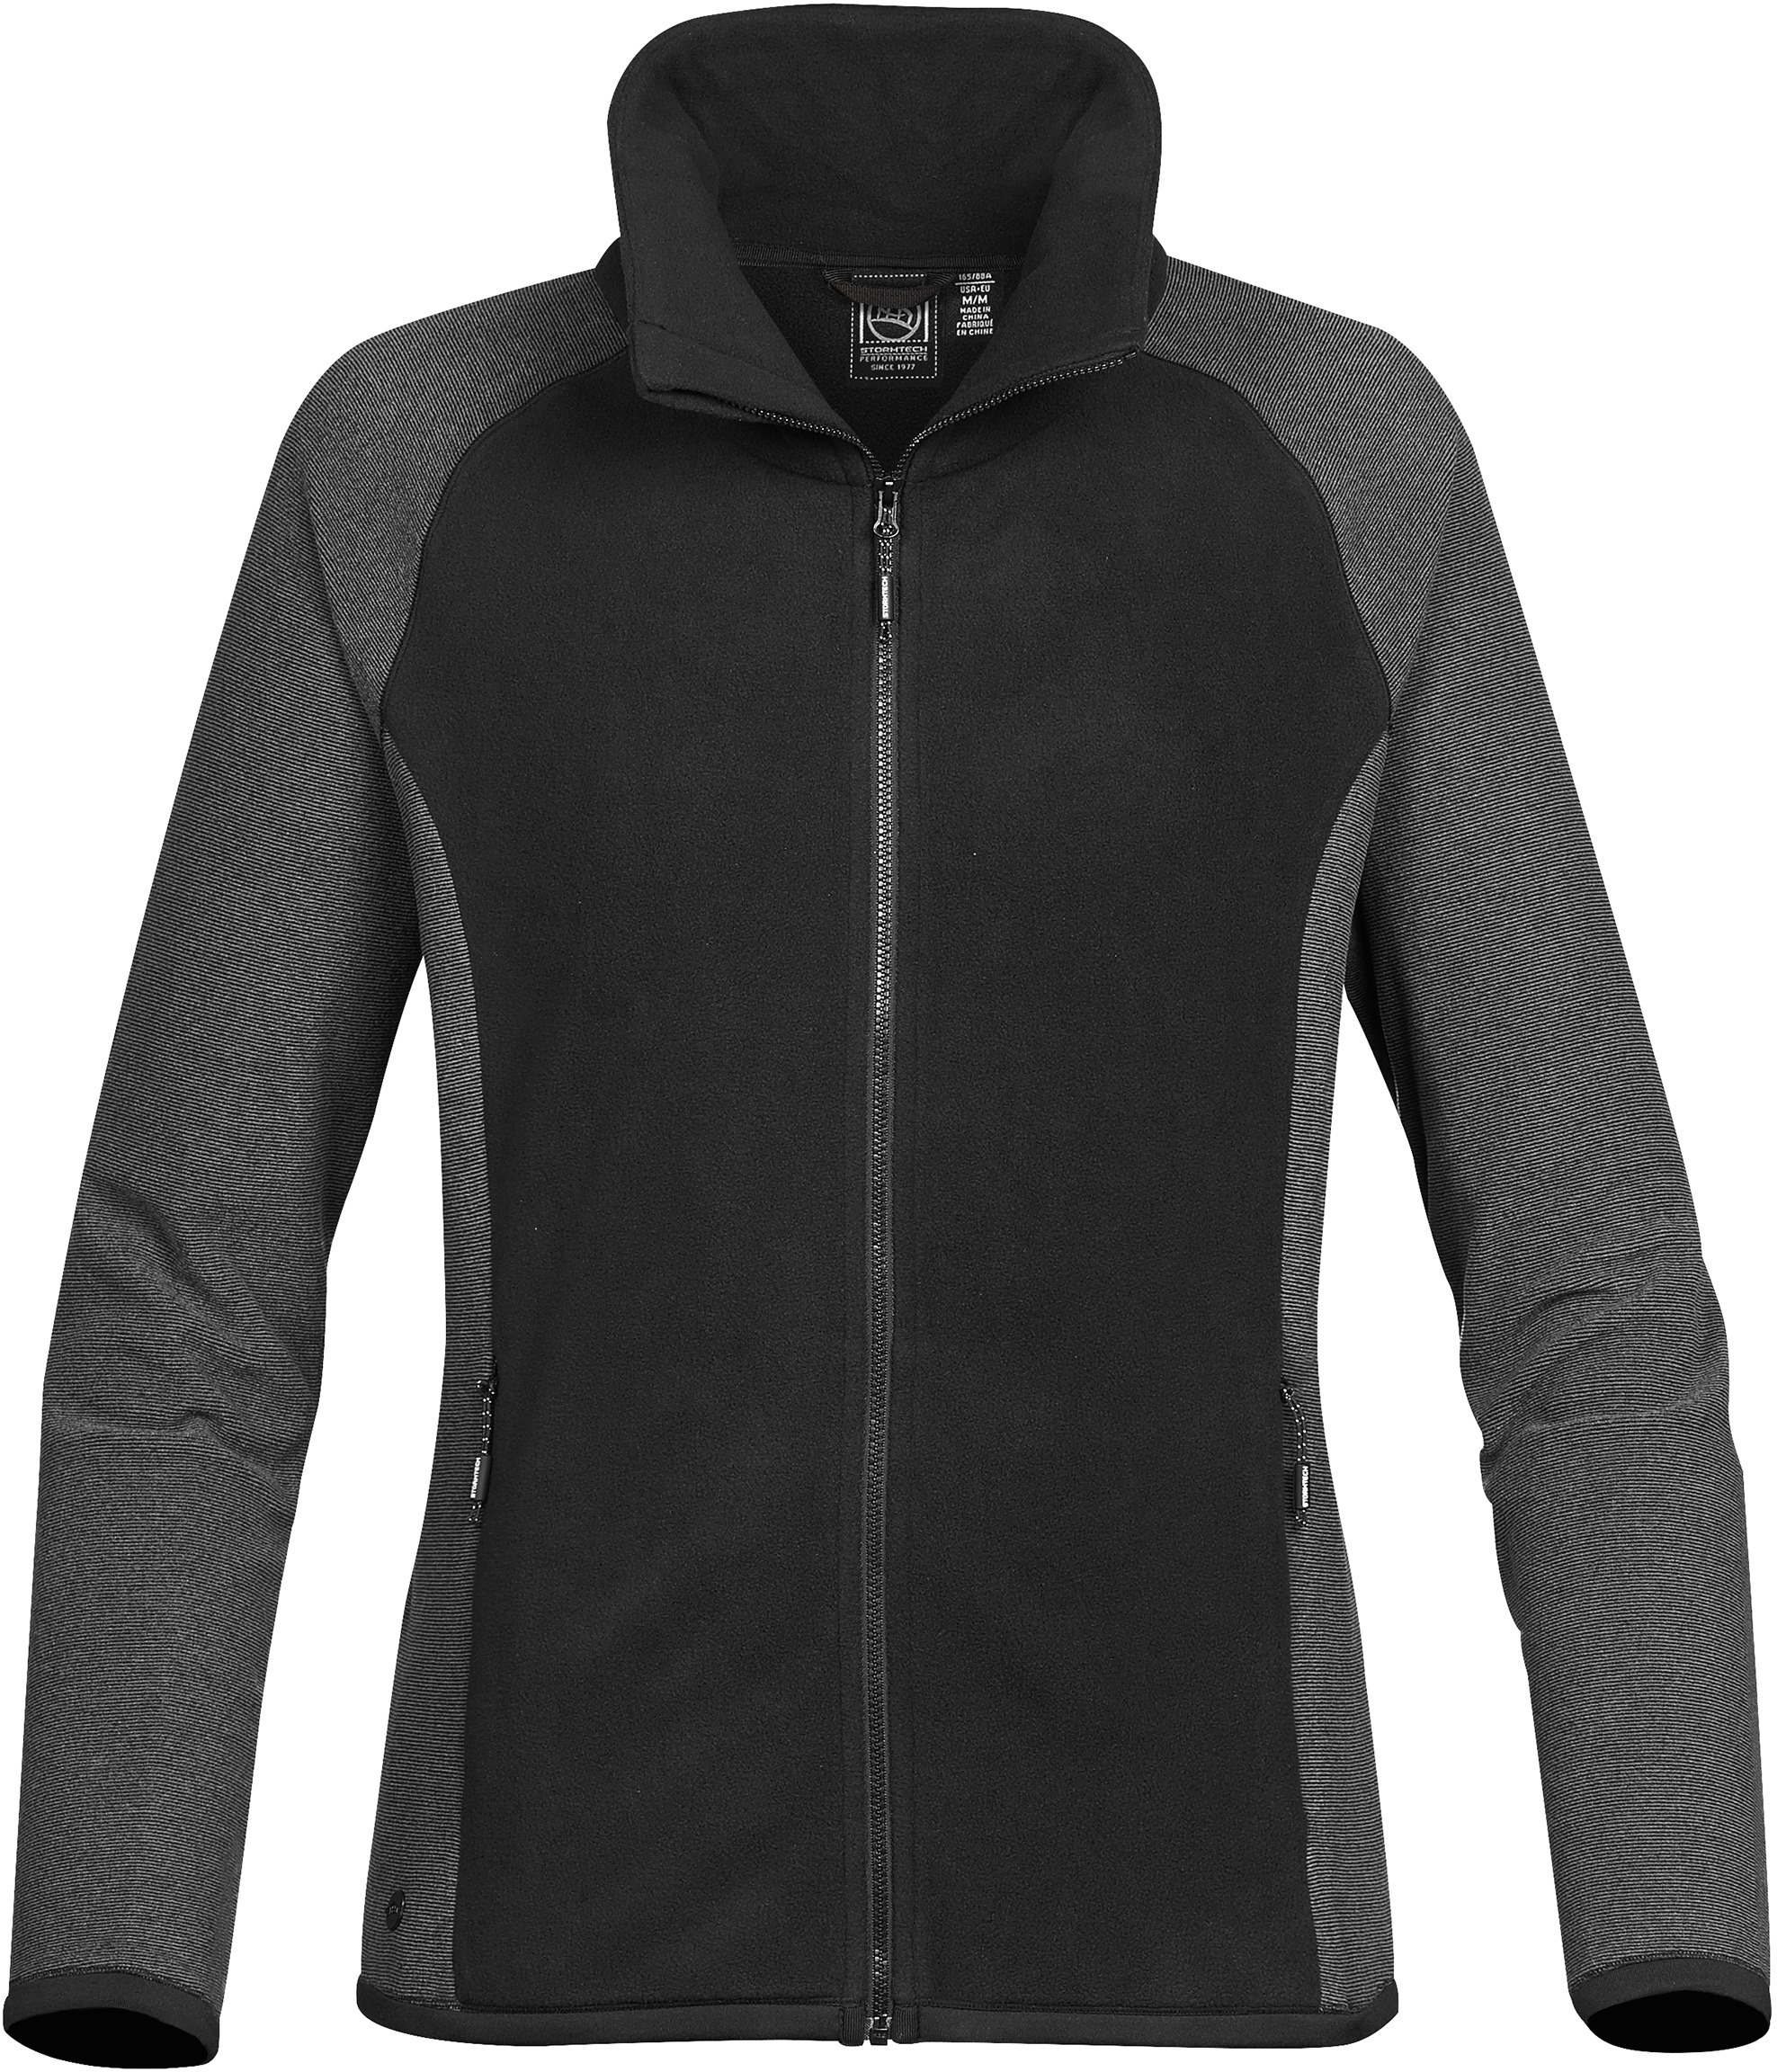 Stormtech MX-2W - Women's Impact Microfleece Jacket